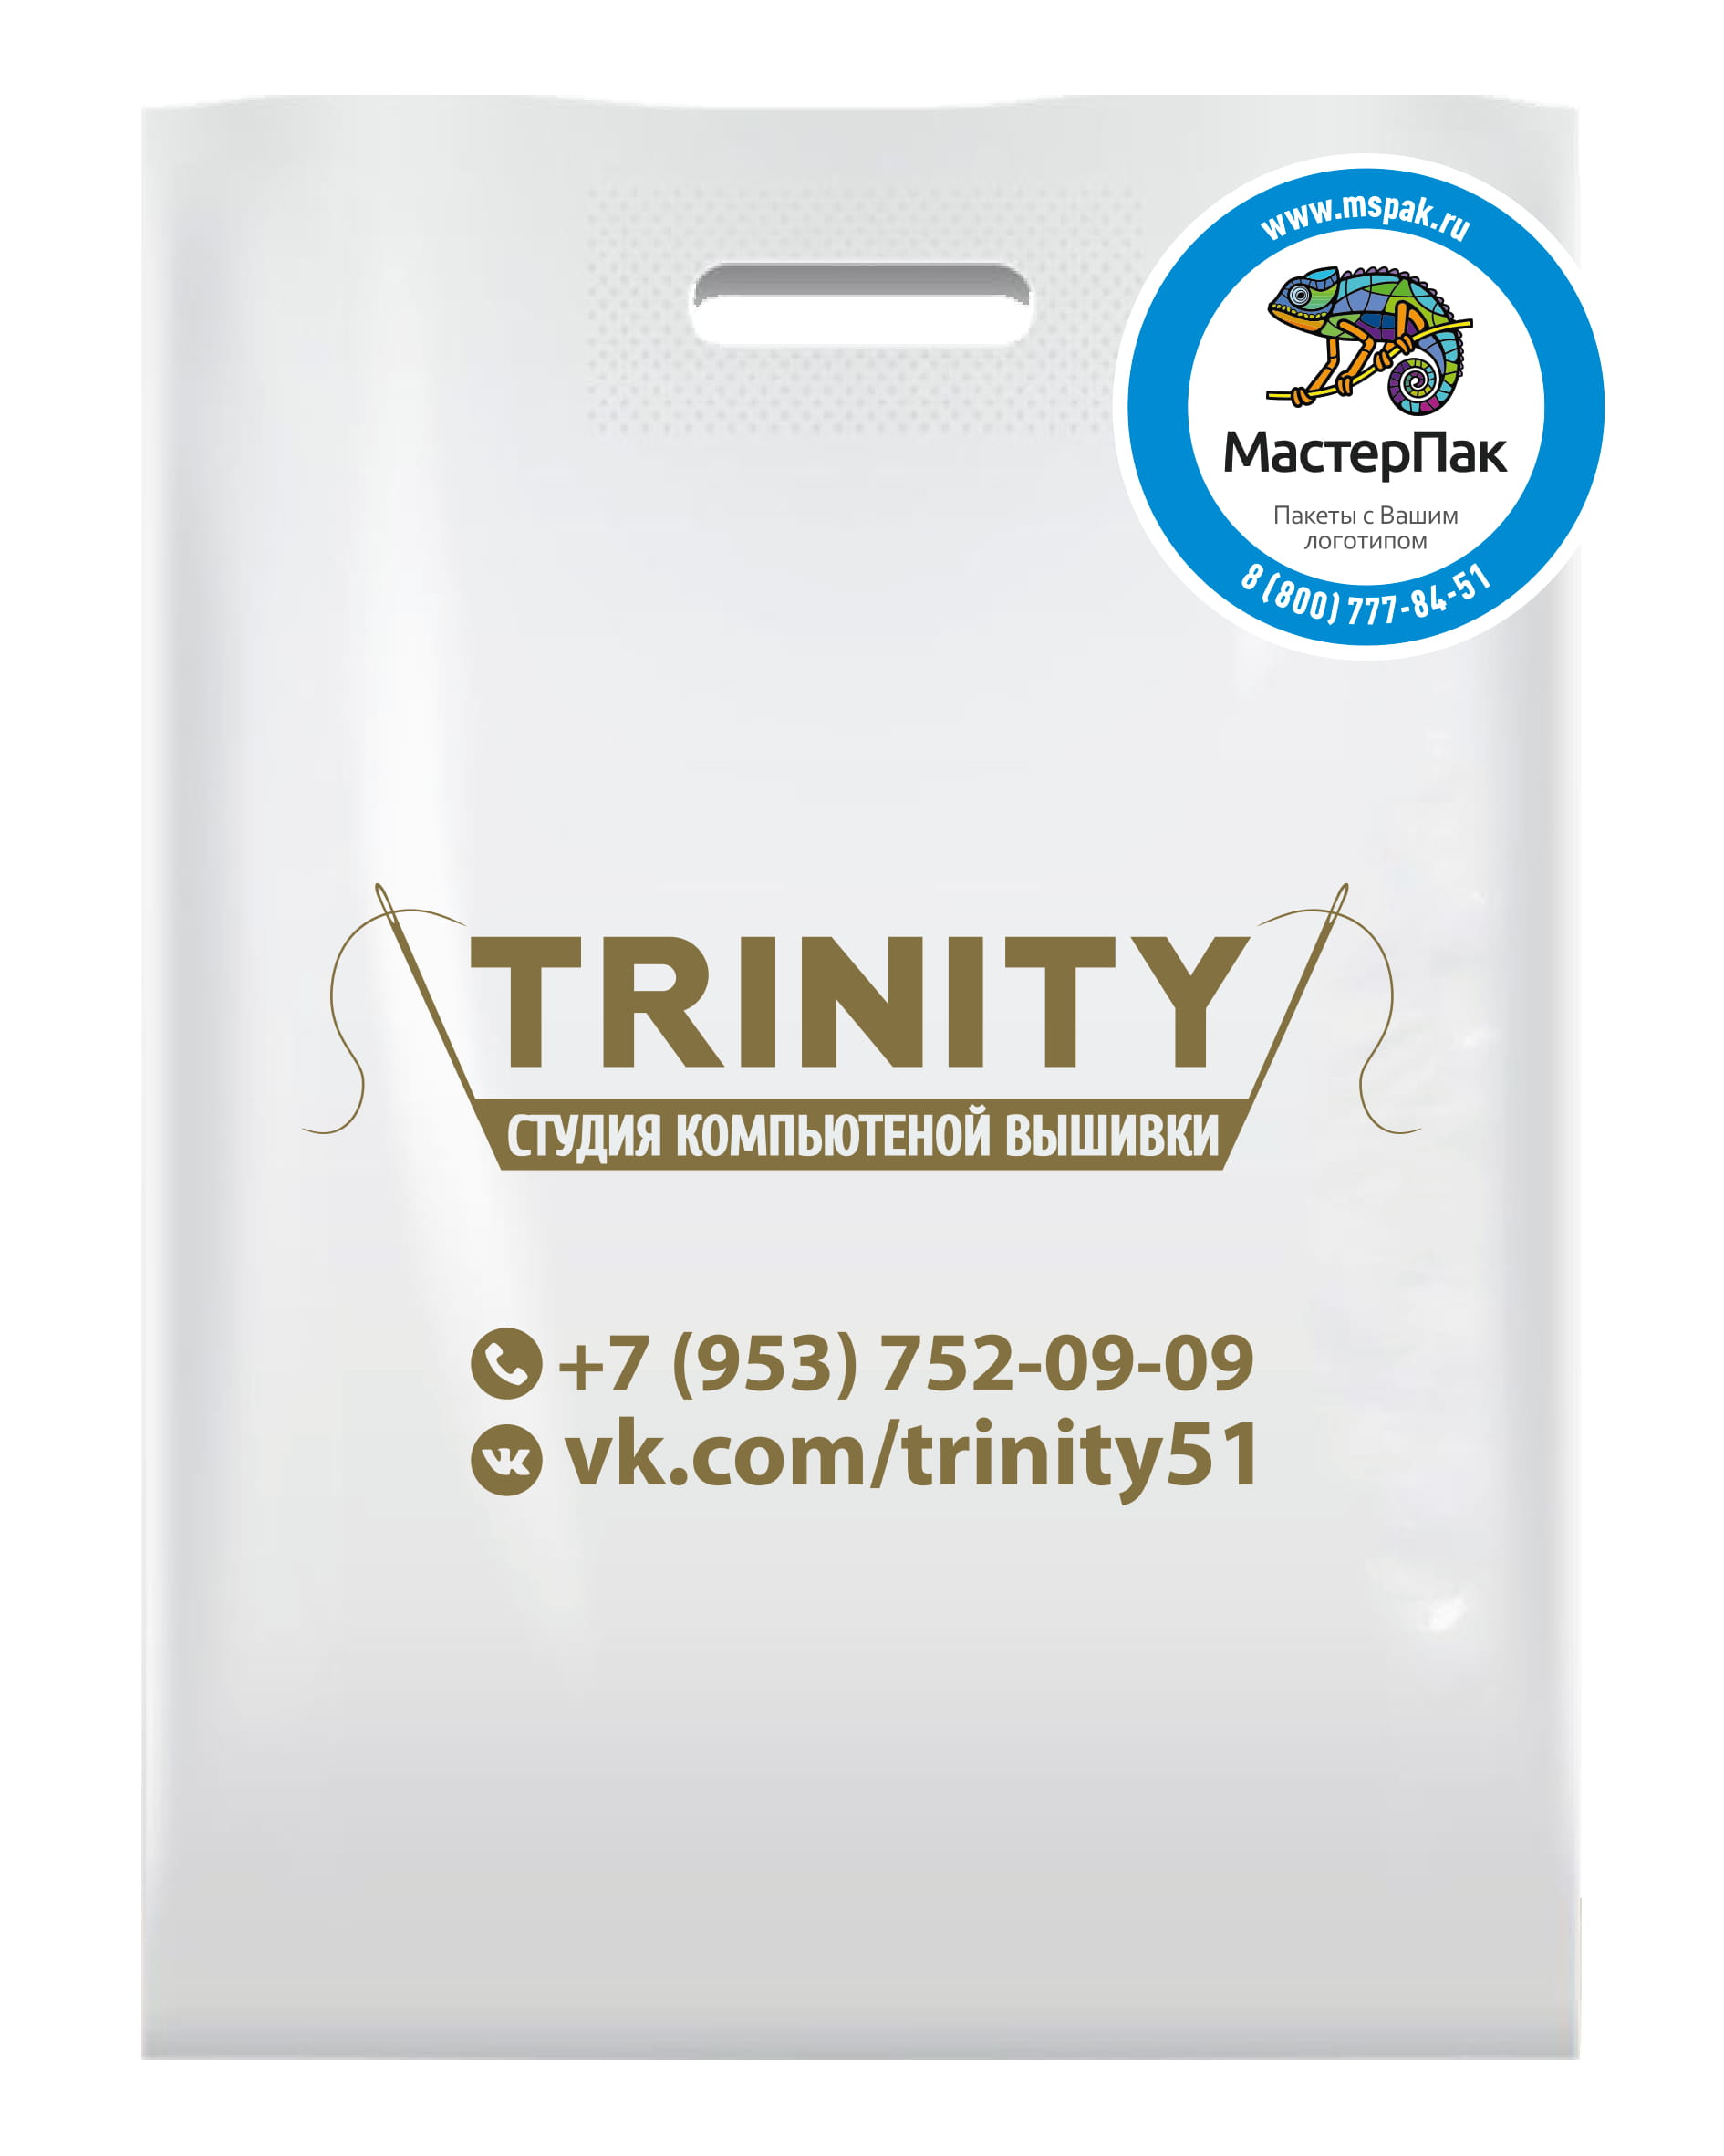 Пакет ПВД с логотипом студии Trinity, Апатиты